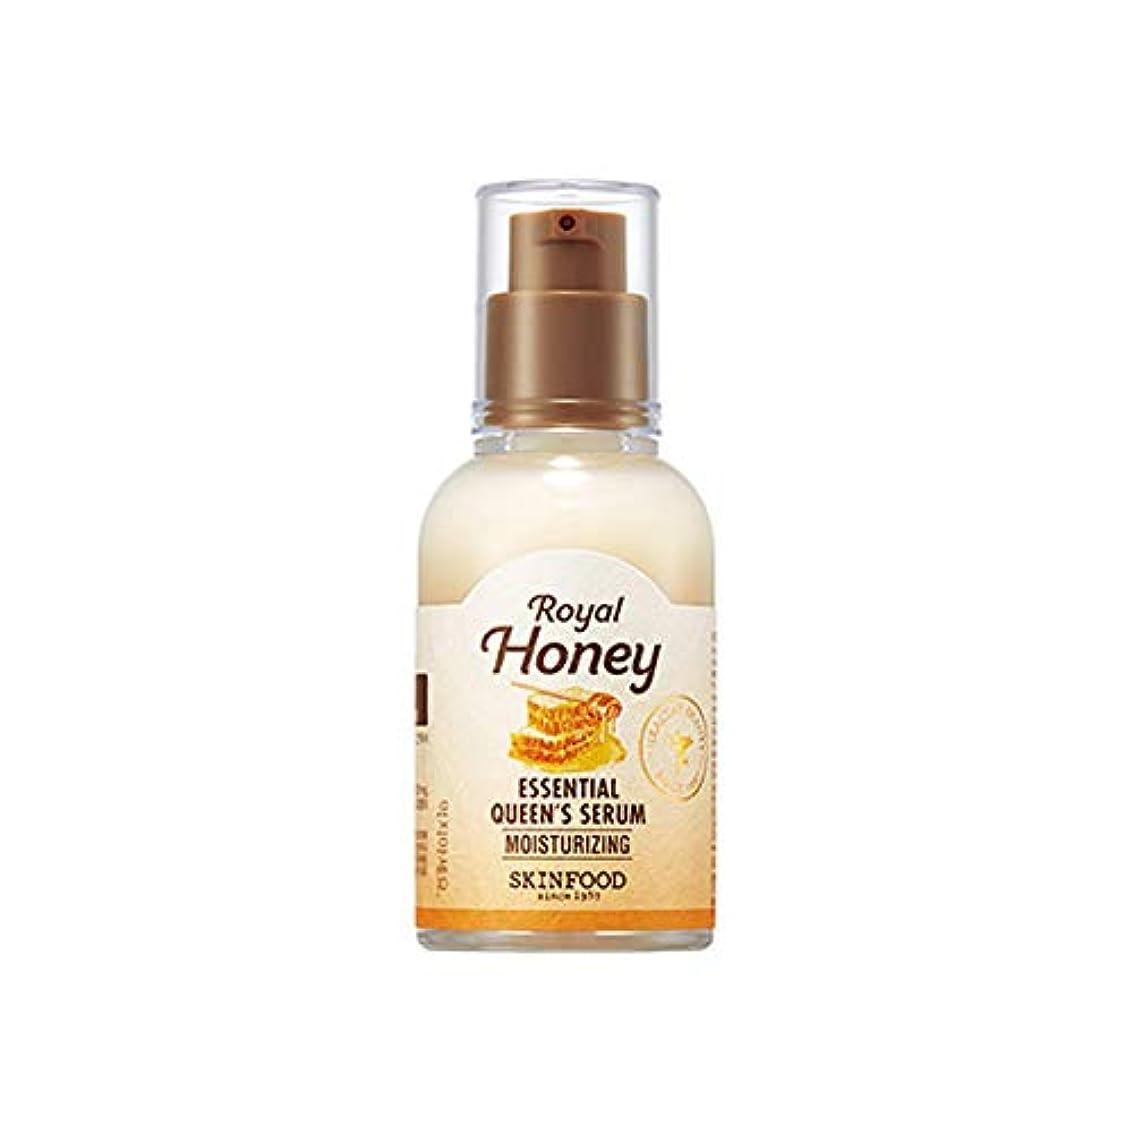 操縦する記念日マークSkinfood Royal Honey Essential Queen's Serum/ロイヤルハニーエッセンシャルオイルクイーンズ血清/50ml [並行輸入品]